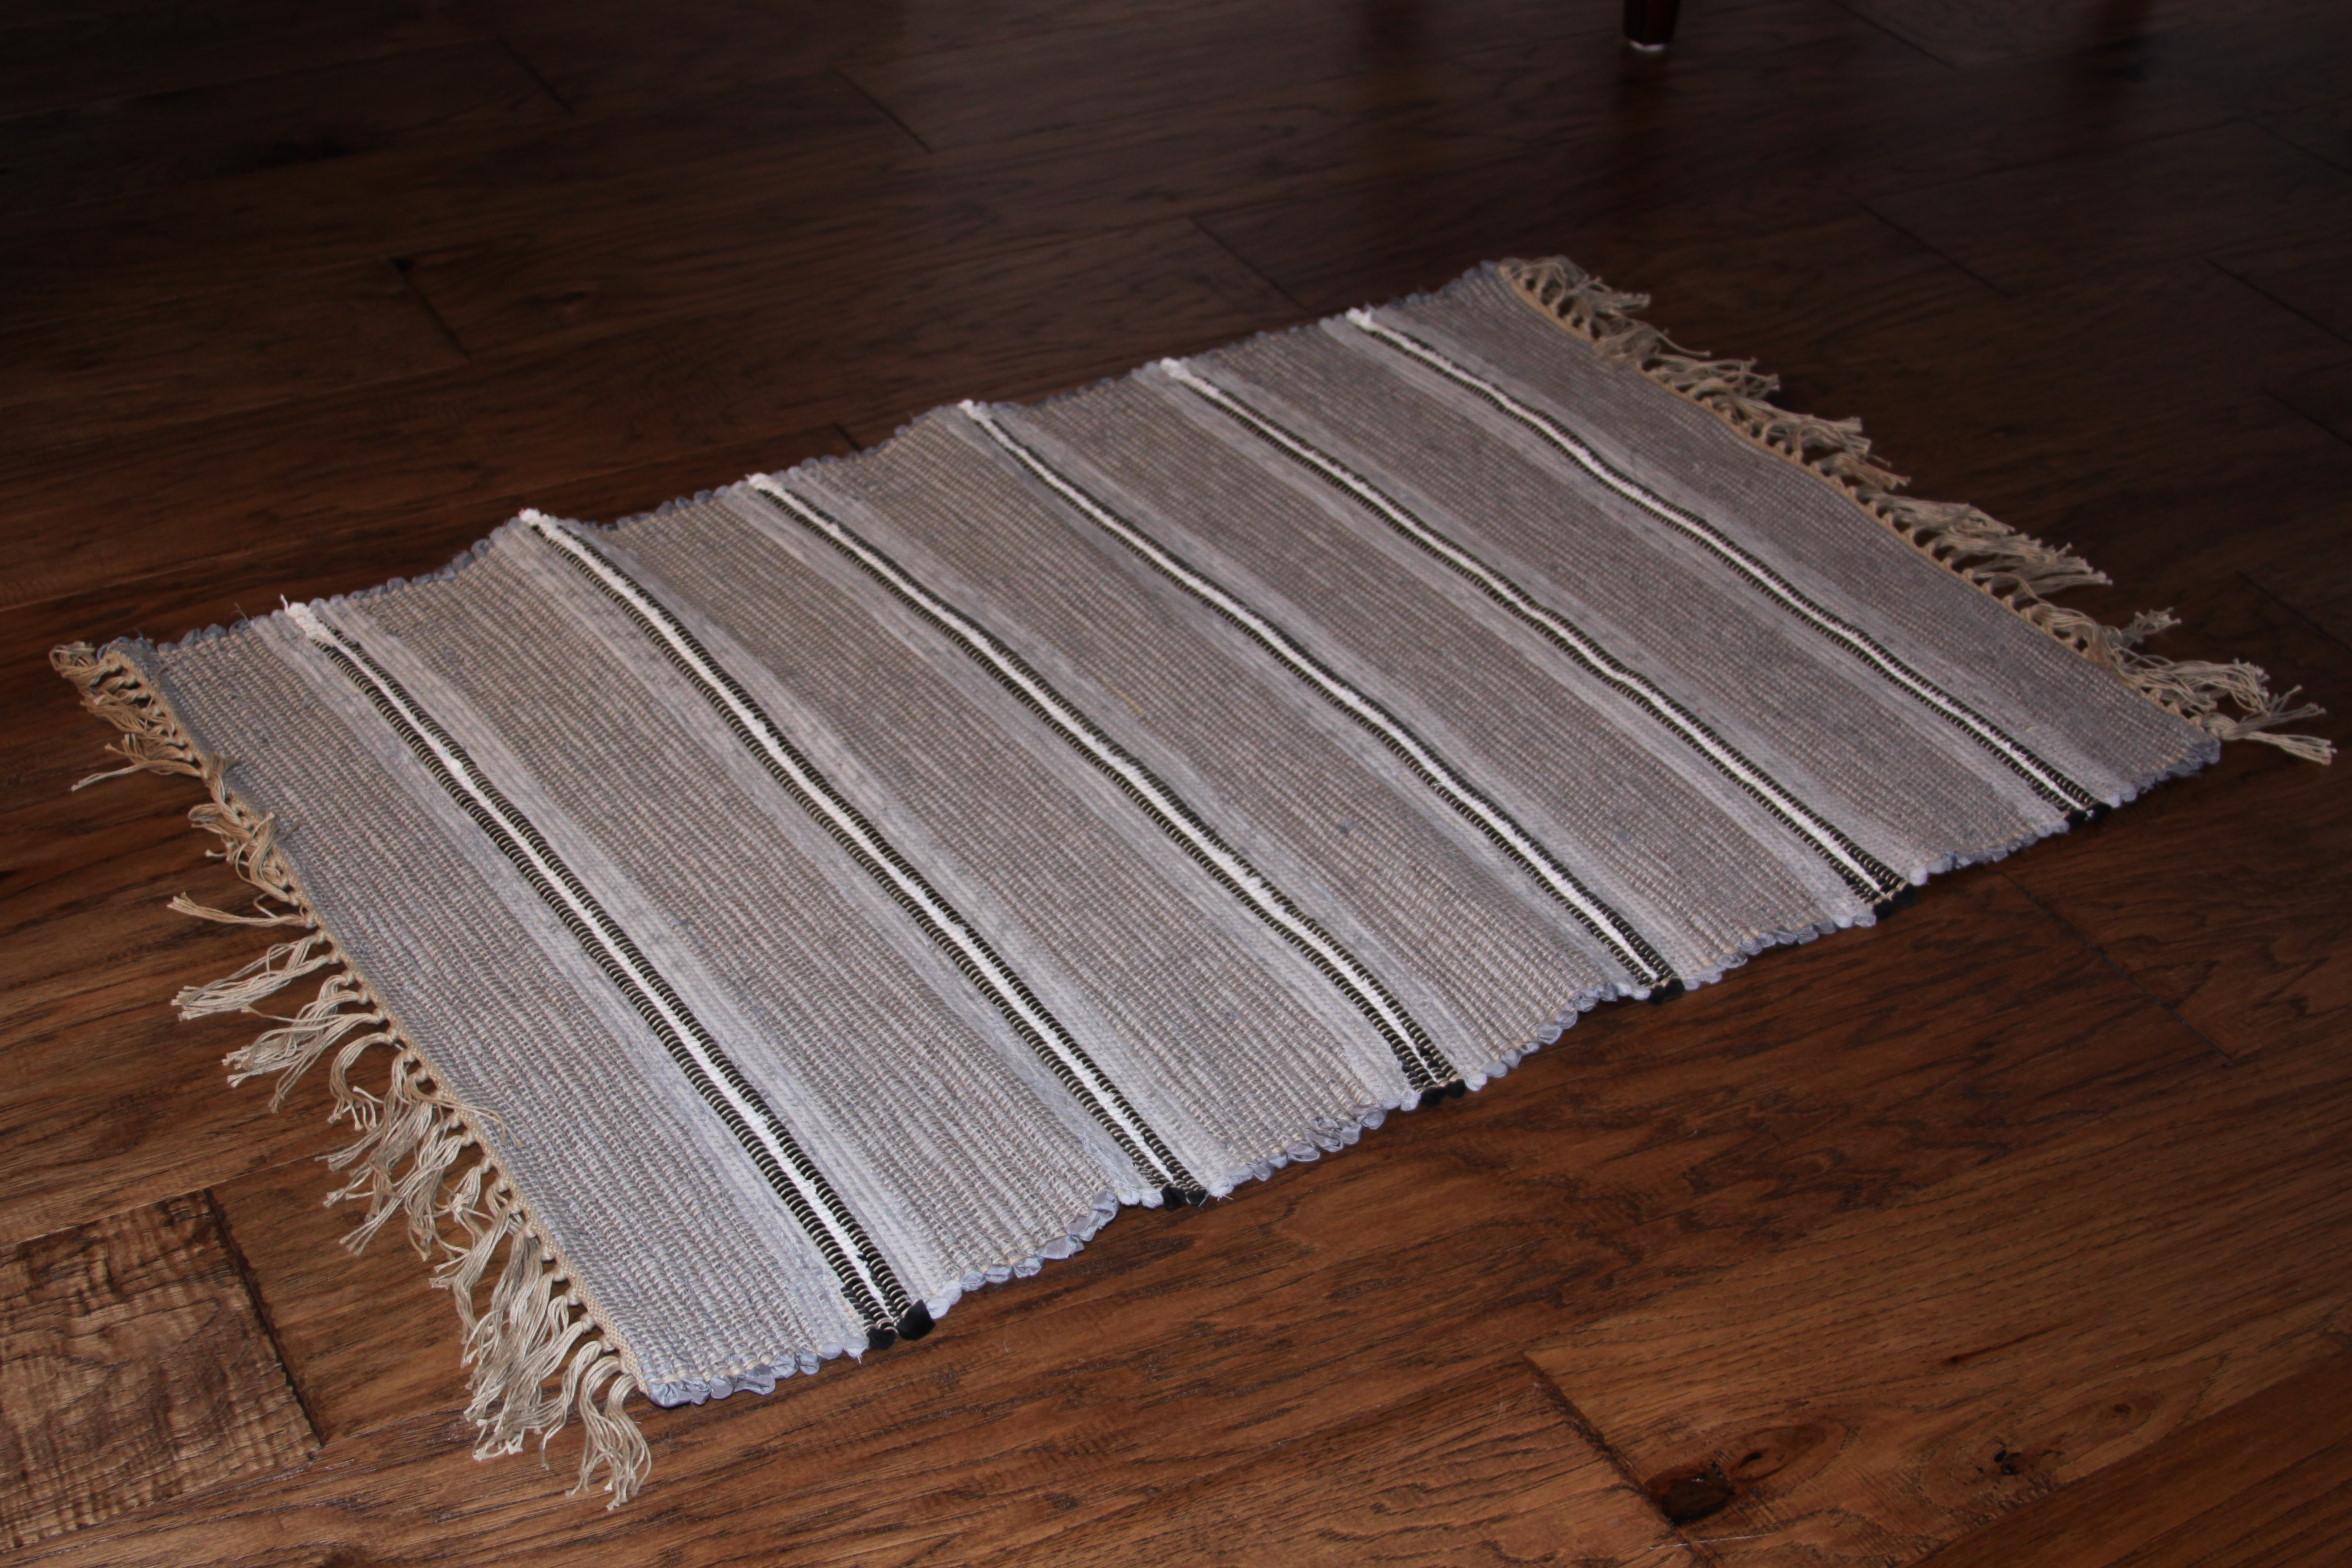 Image of rag rug